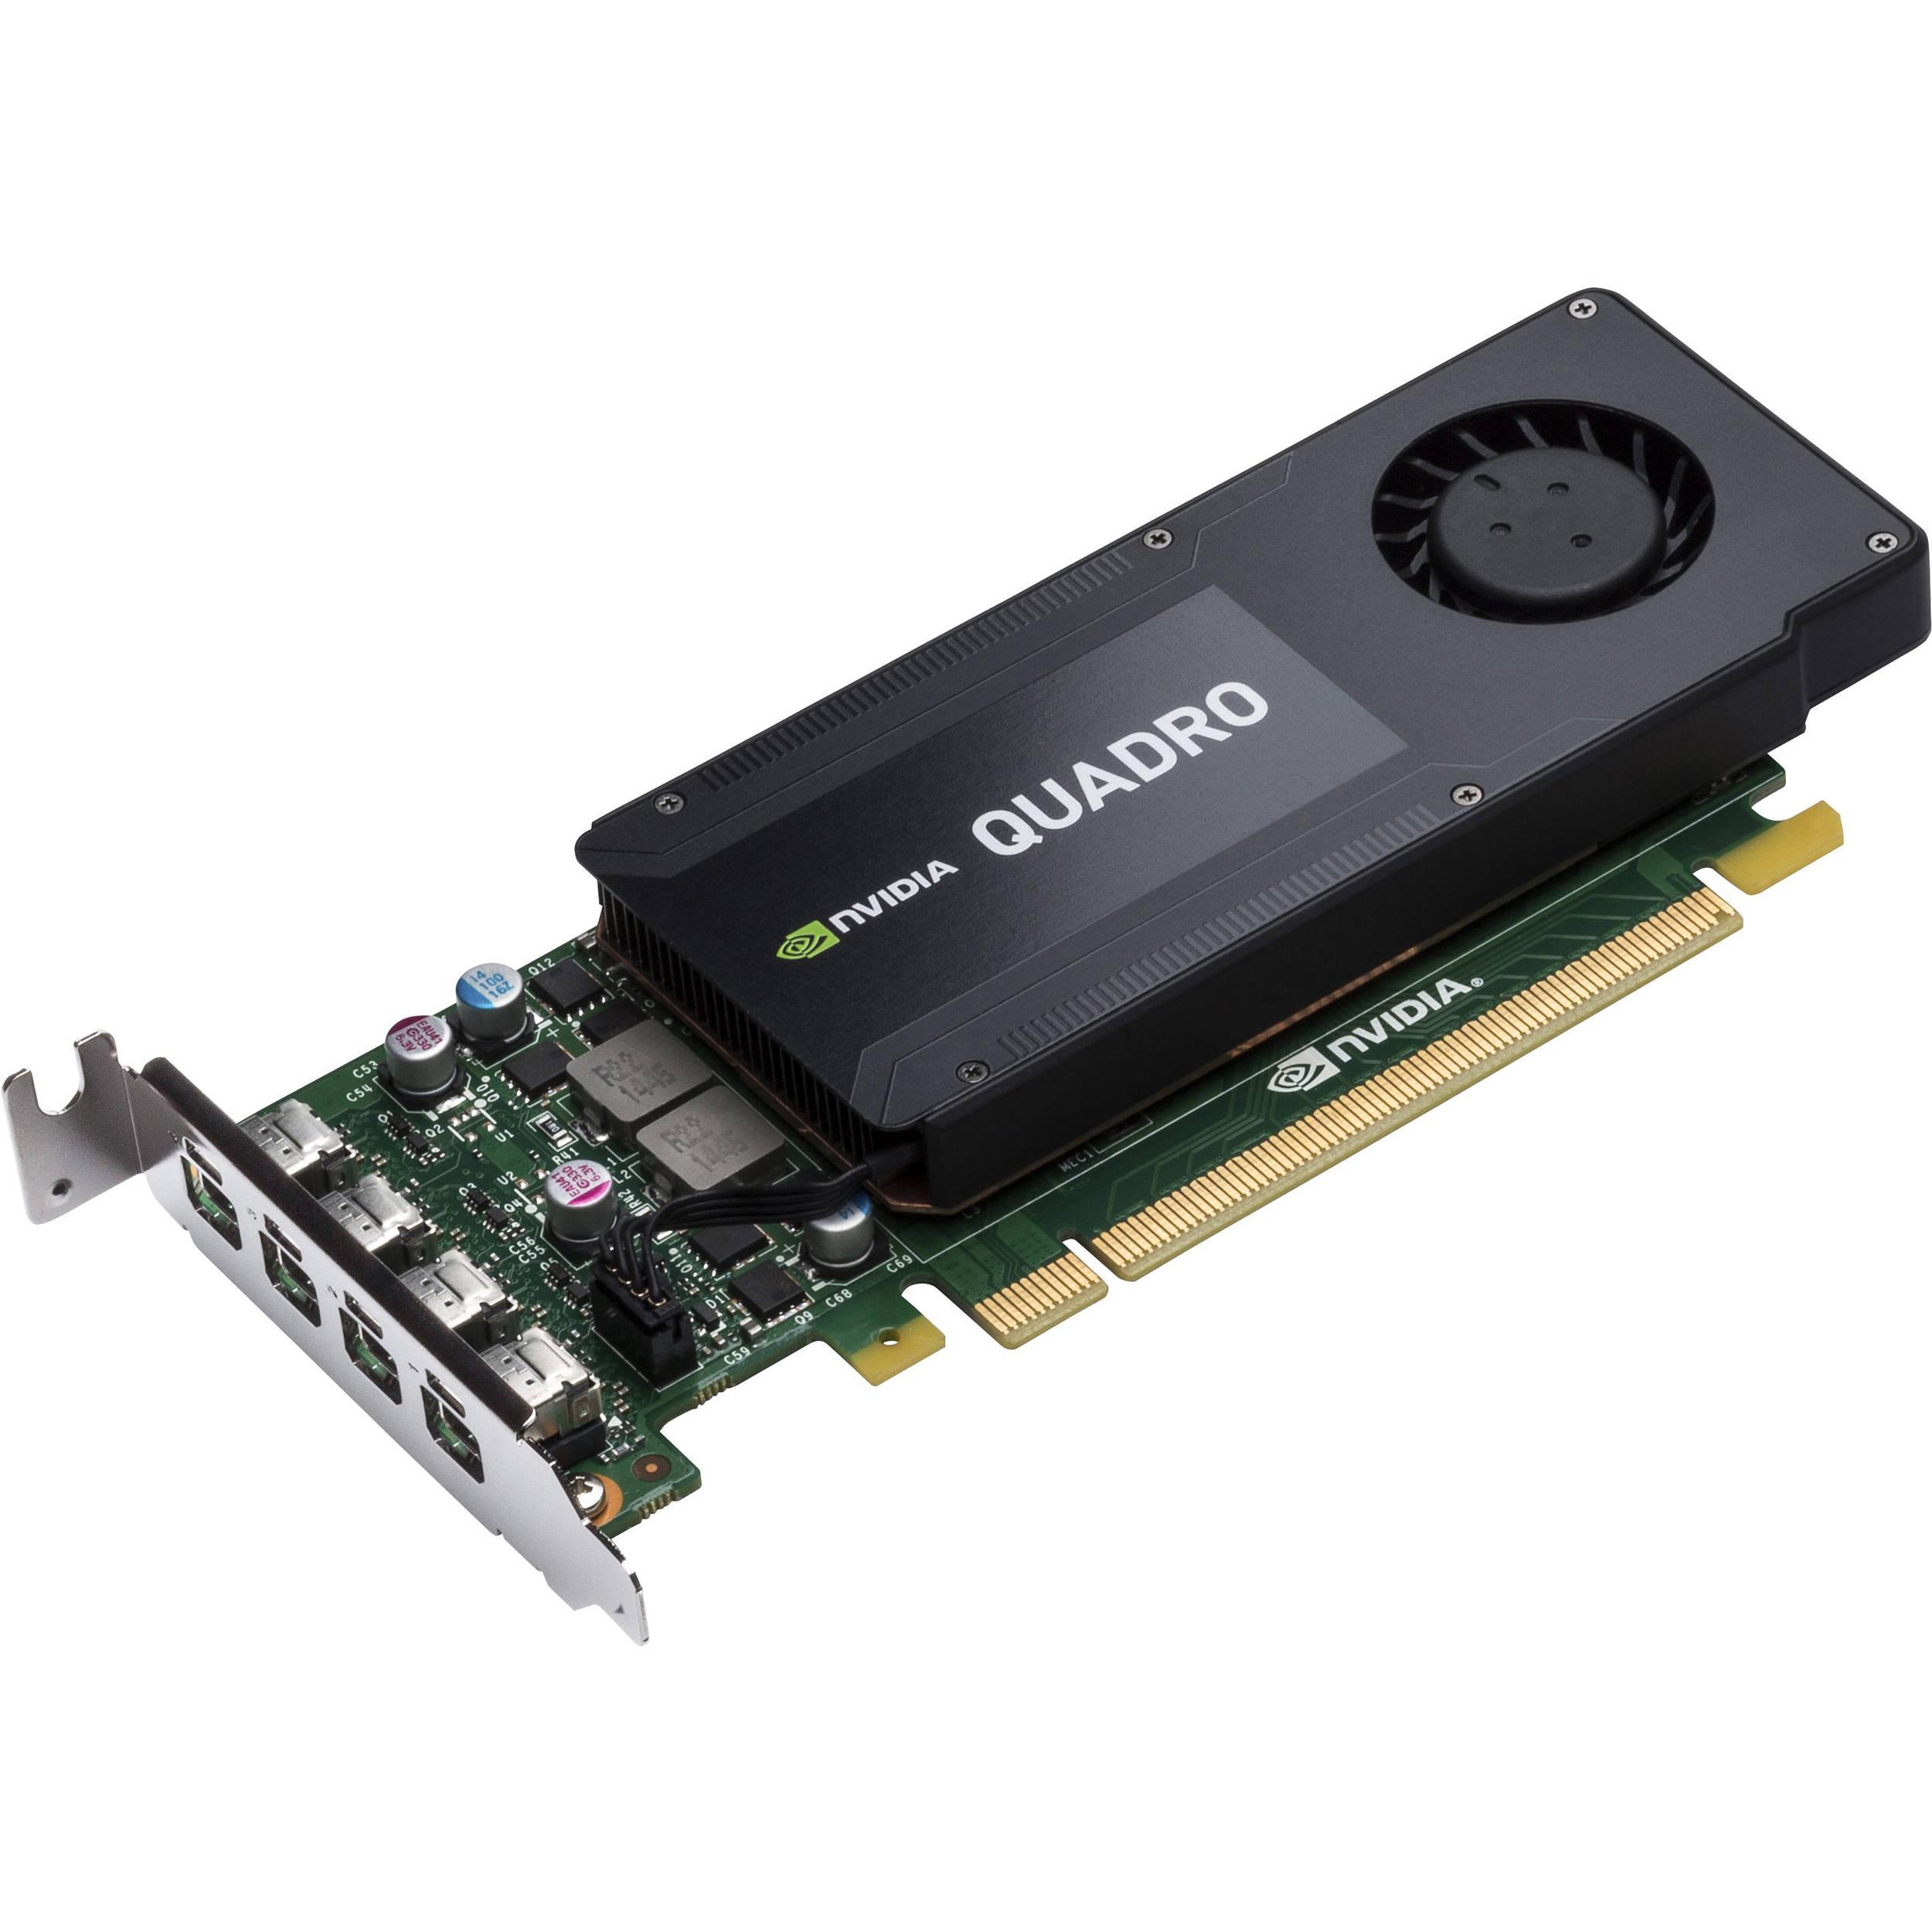 Quadro K1200 DP